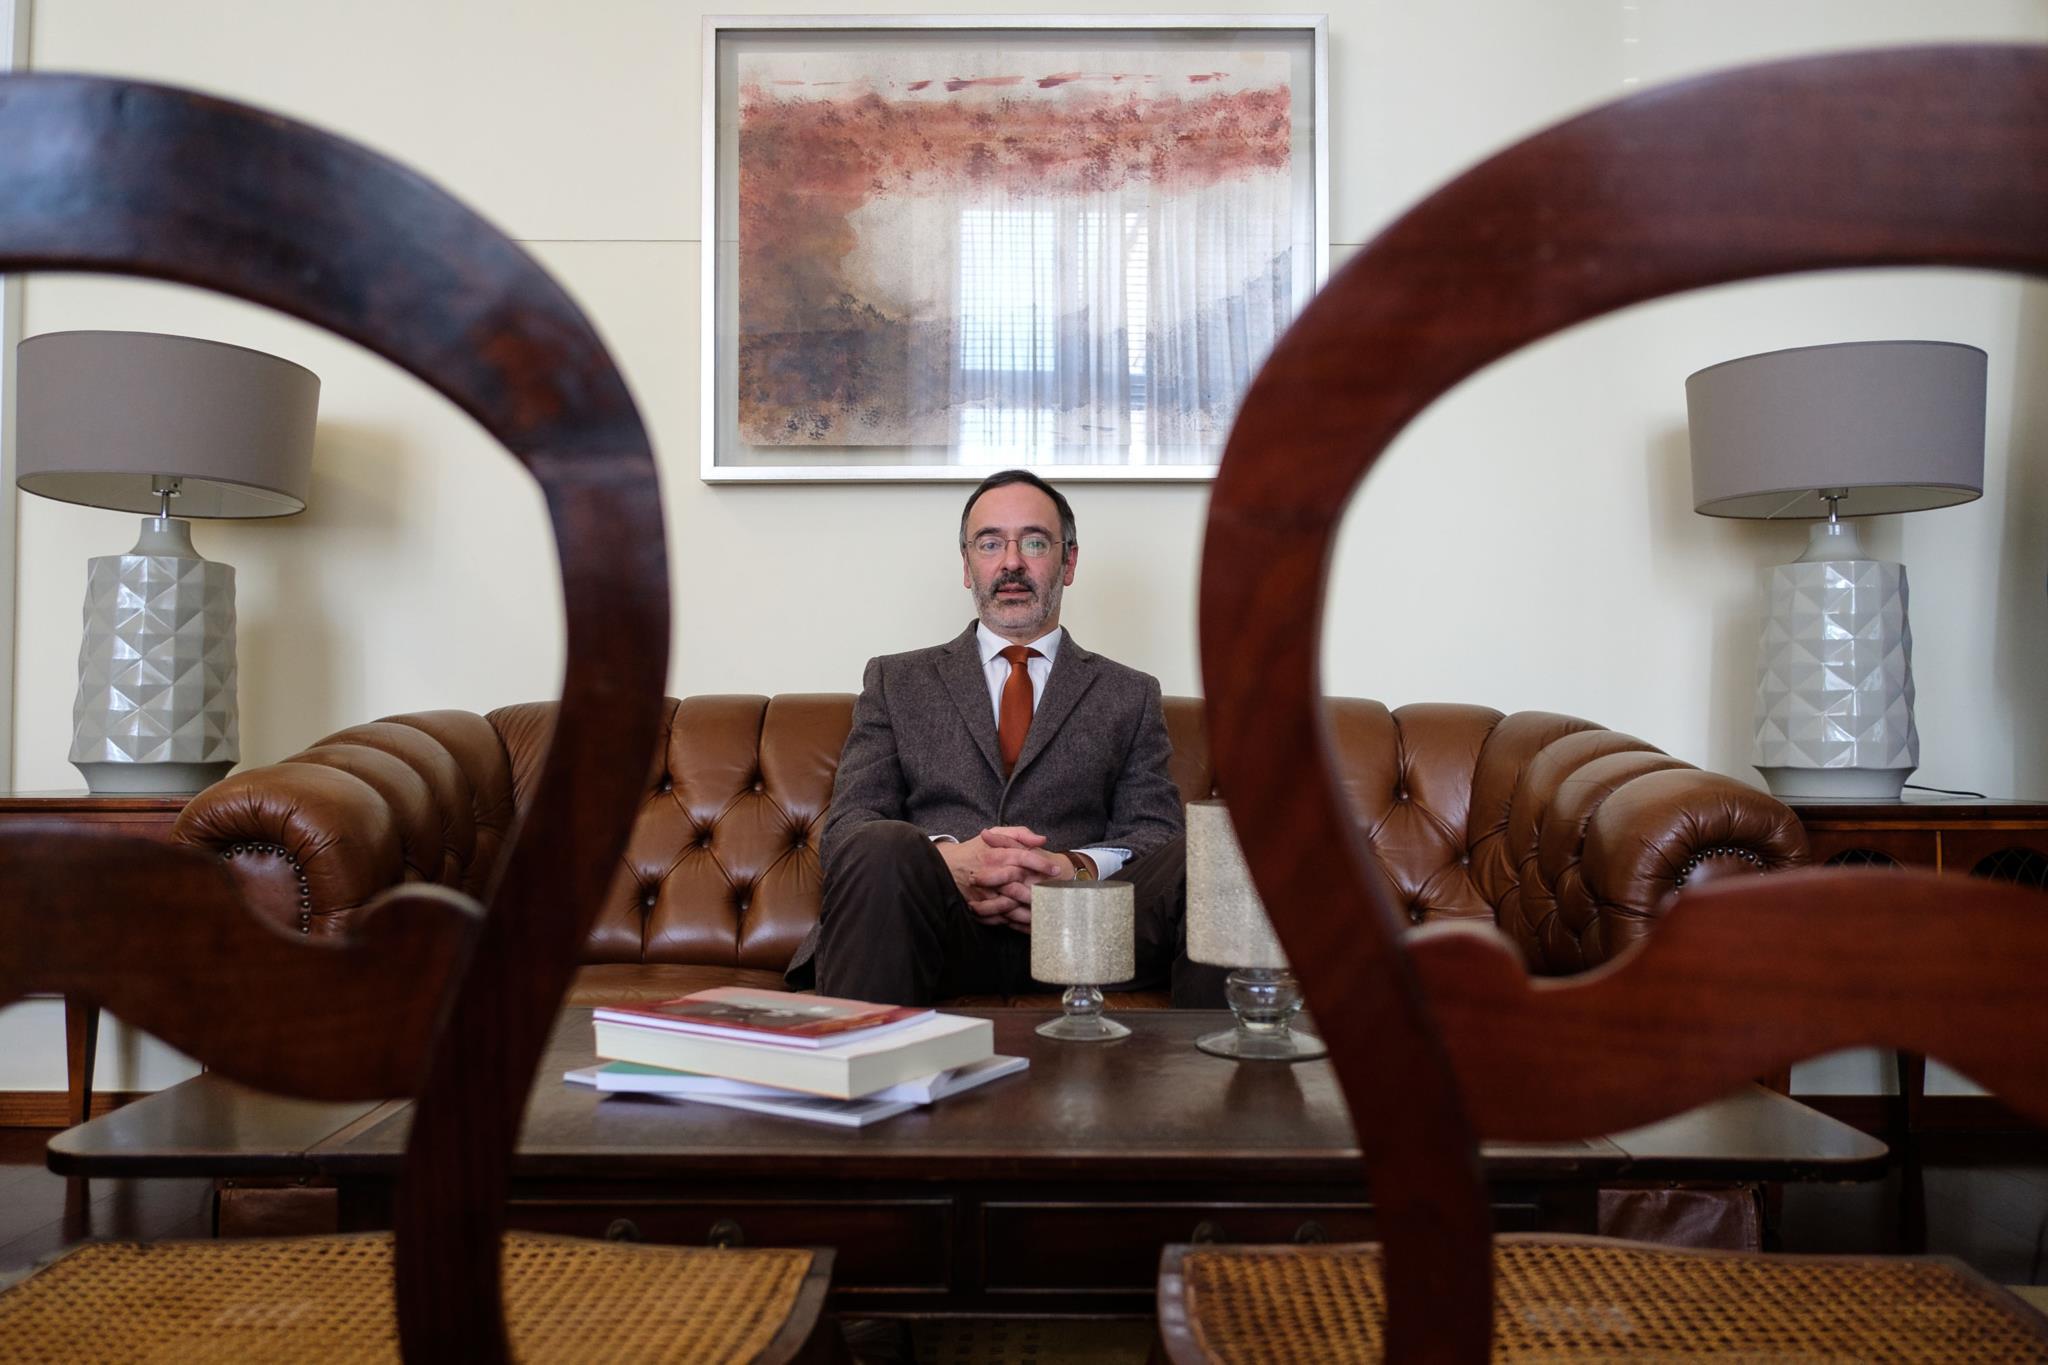 PÚBLICO - Base de dados genética só abrange 15% dos condenados